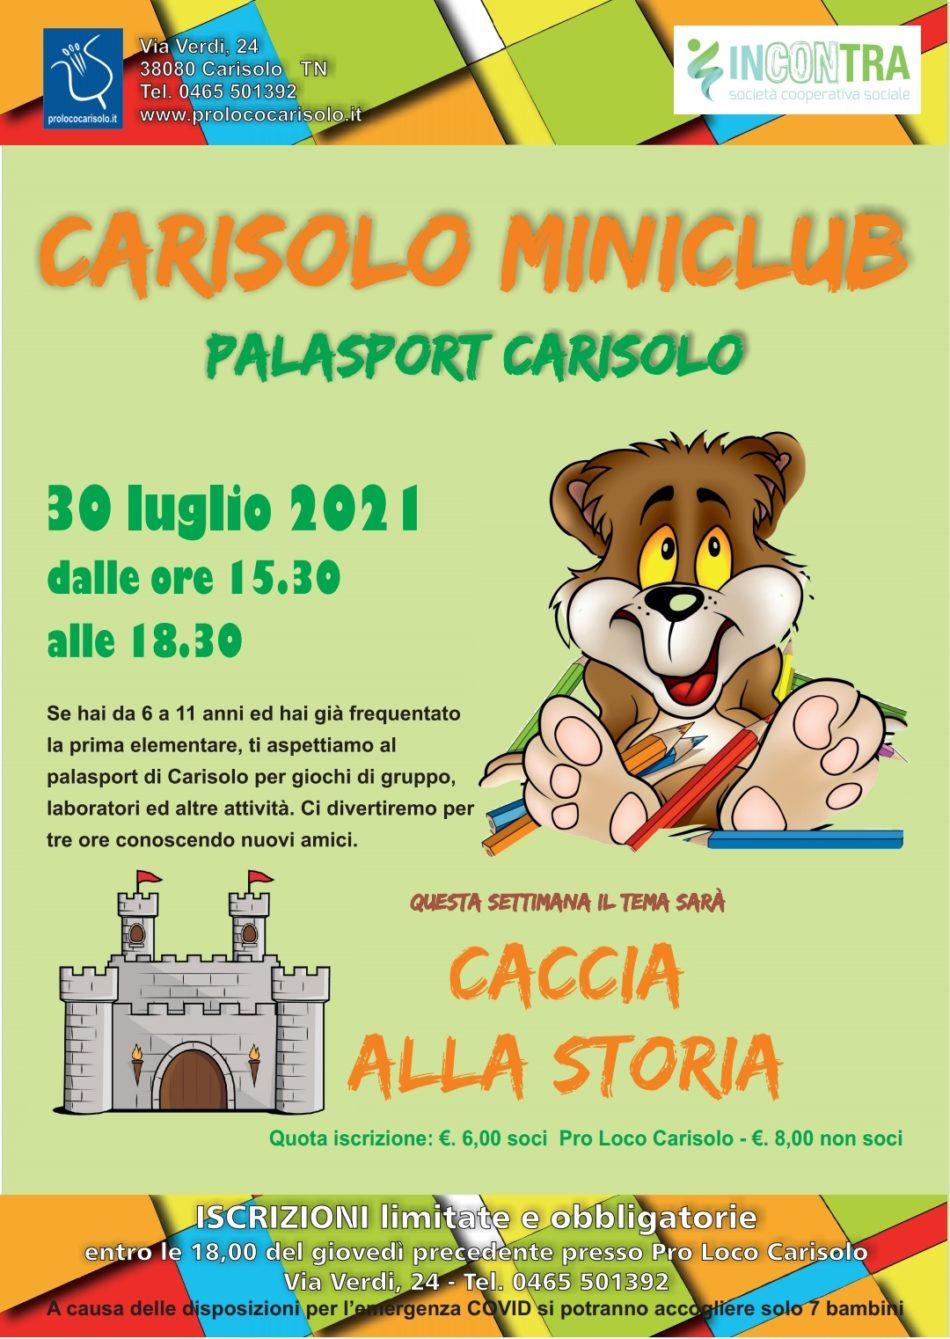 Nuove avventure al miniclub di Carisolo!